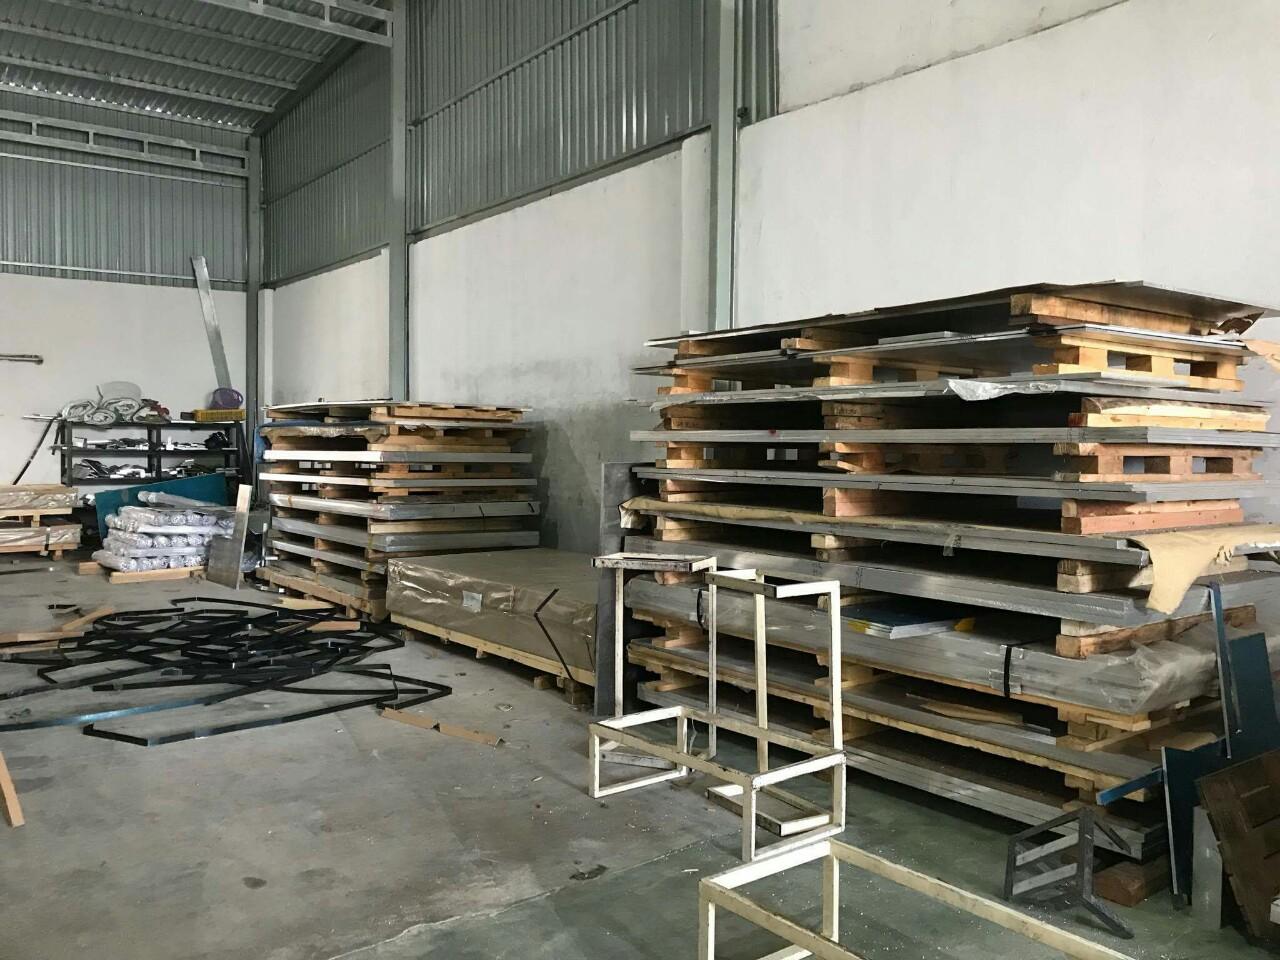 Hình ảnh kho xưởng sản xuất